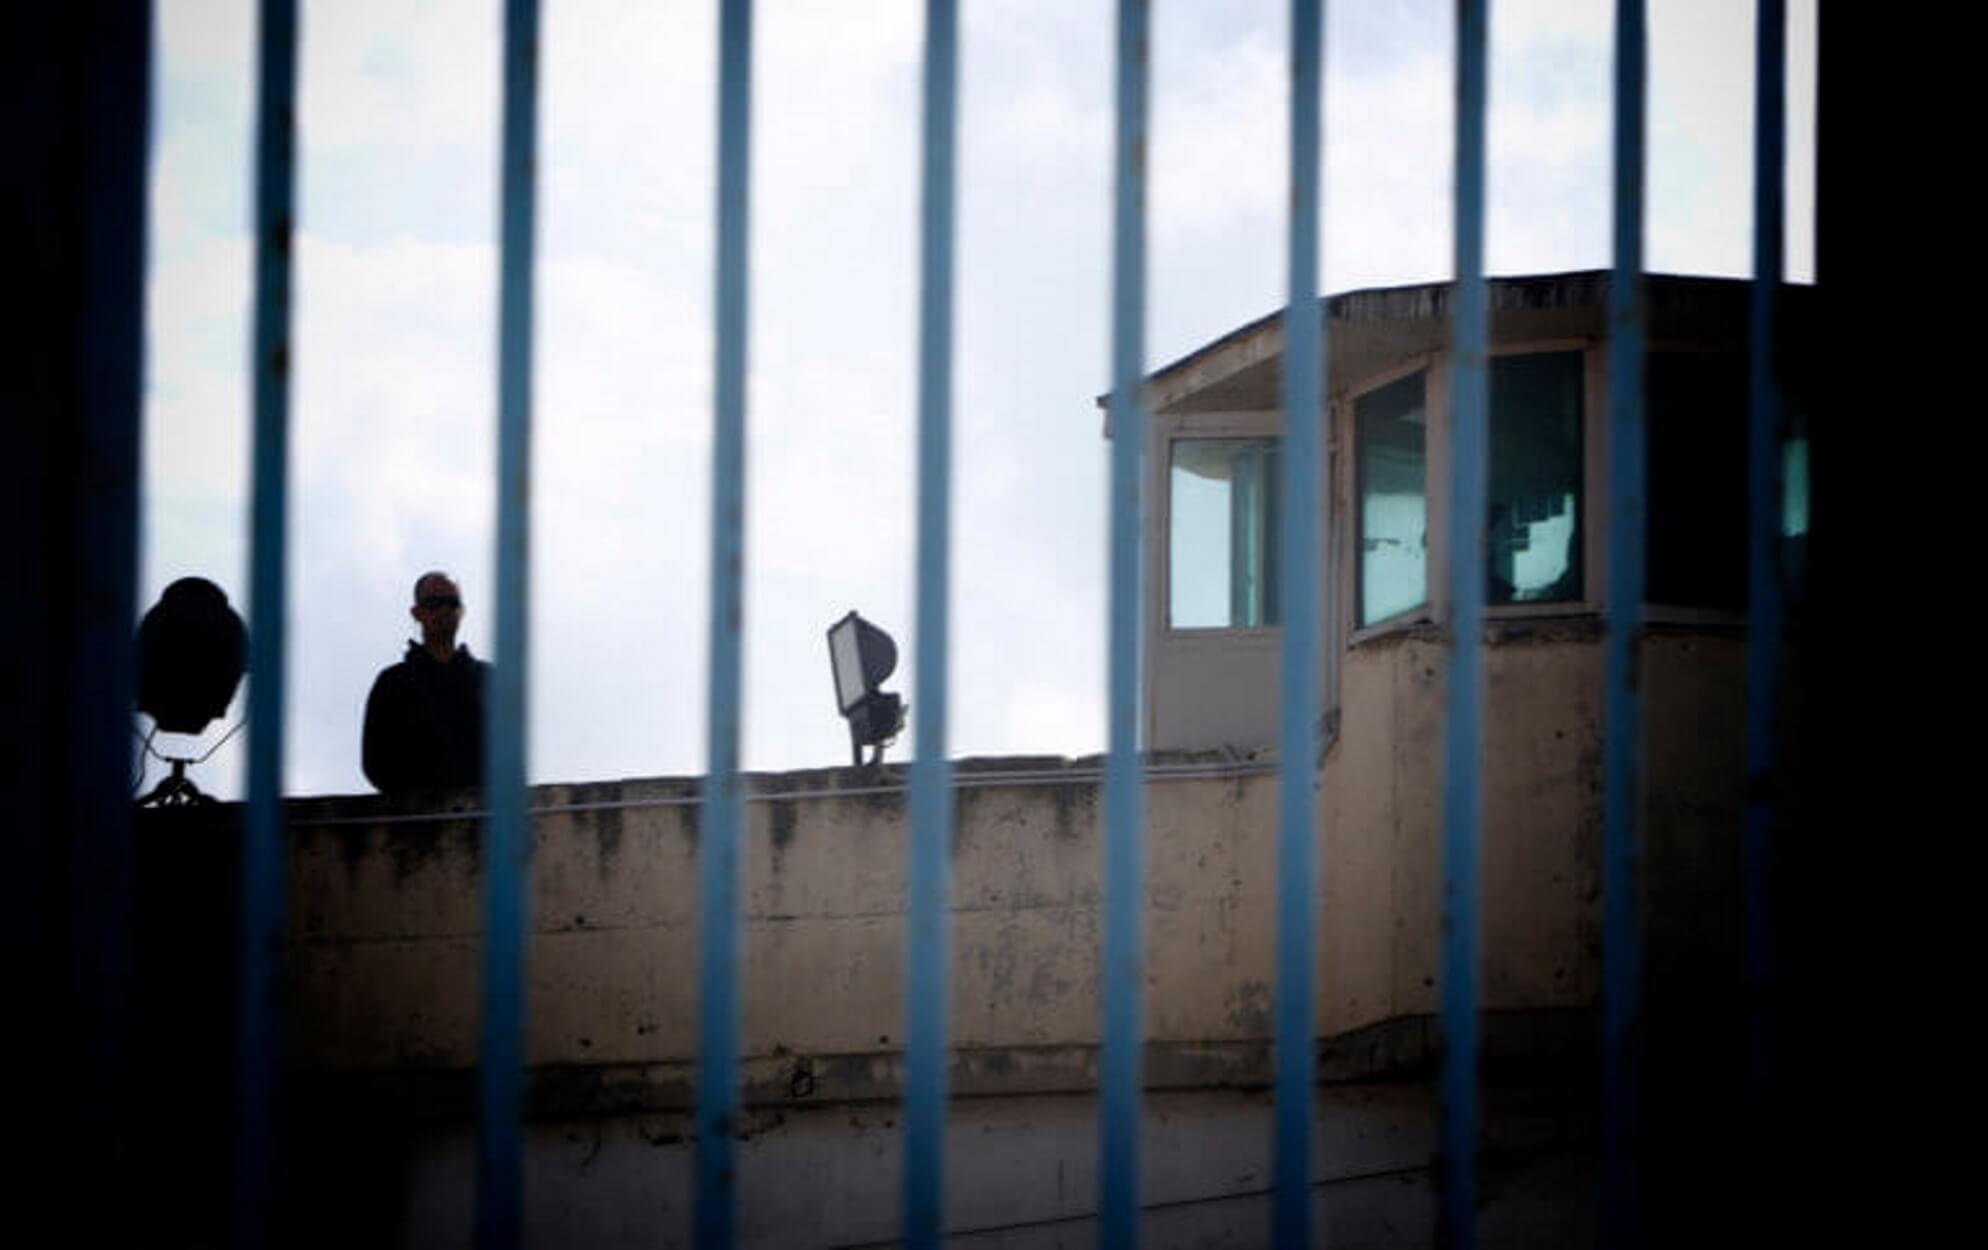 Πλούσια συγκομιδή από έρευνα σε τρία κελιά στις φυλακές Κορυδαλλού